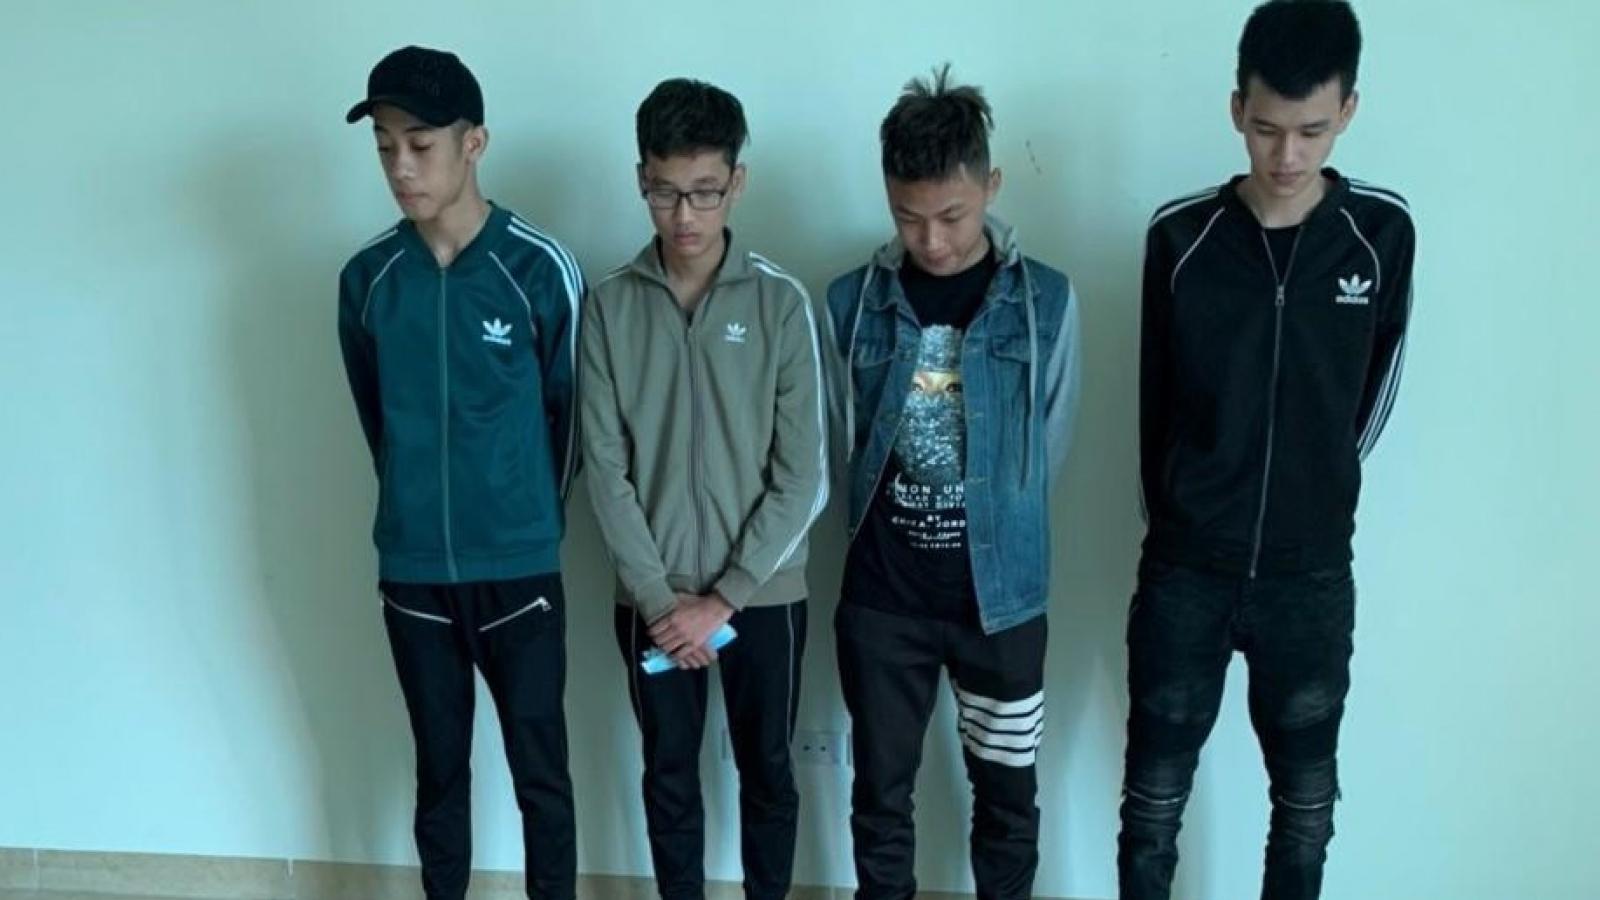 """Mâu thuẫn tại tiệc sinh nhật, hai nhóm thanh niên """"giải quyết"""" bằng hung khí"""